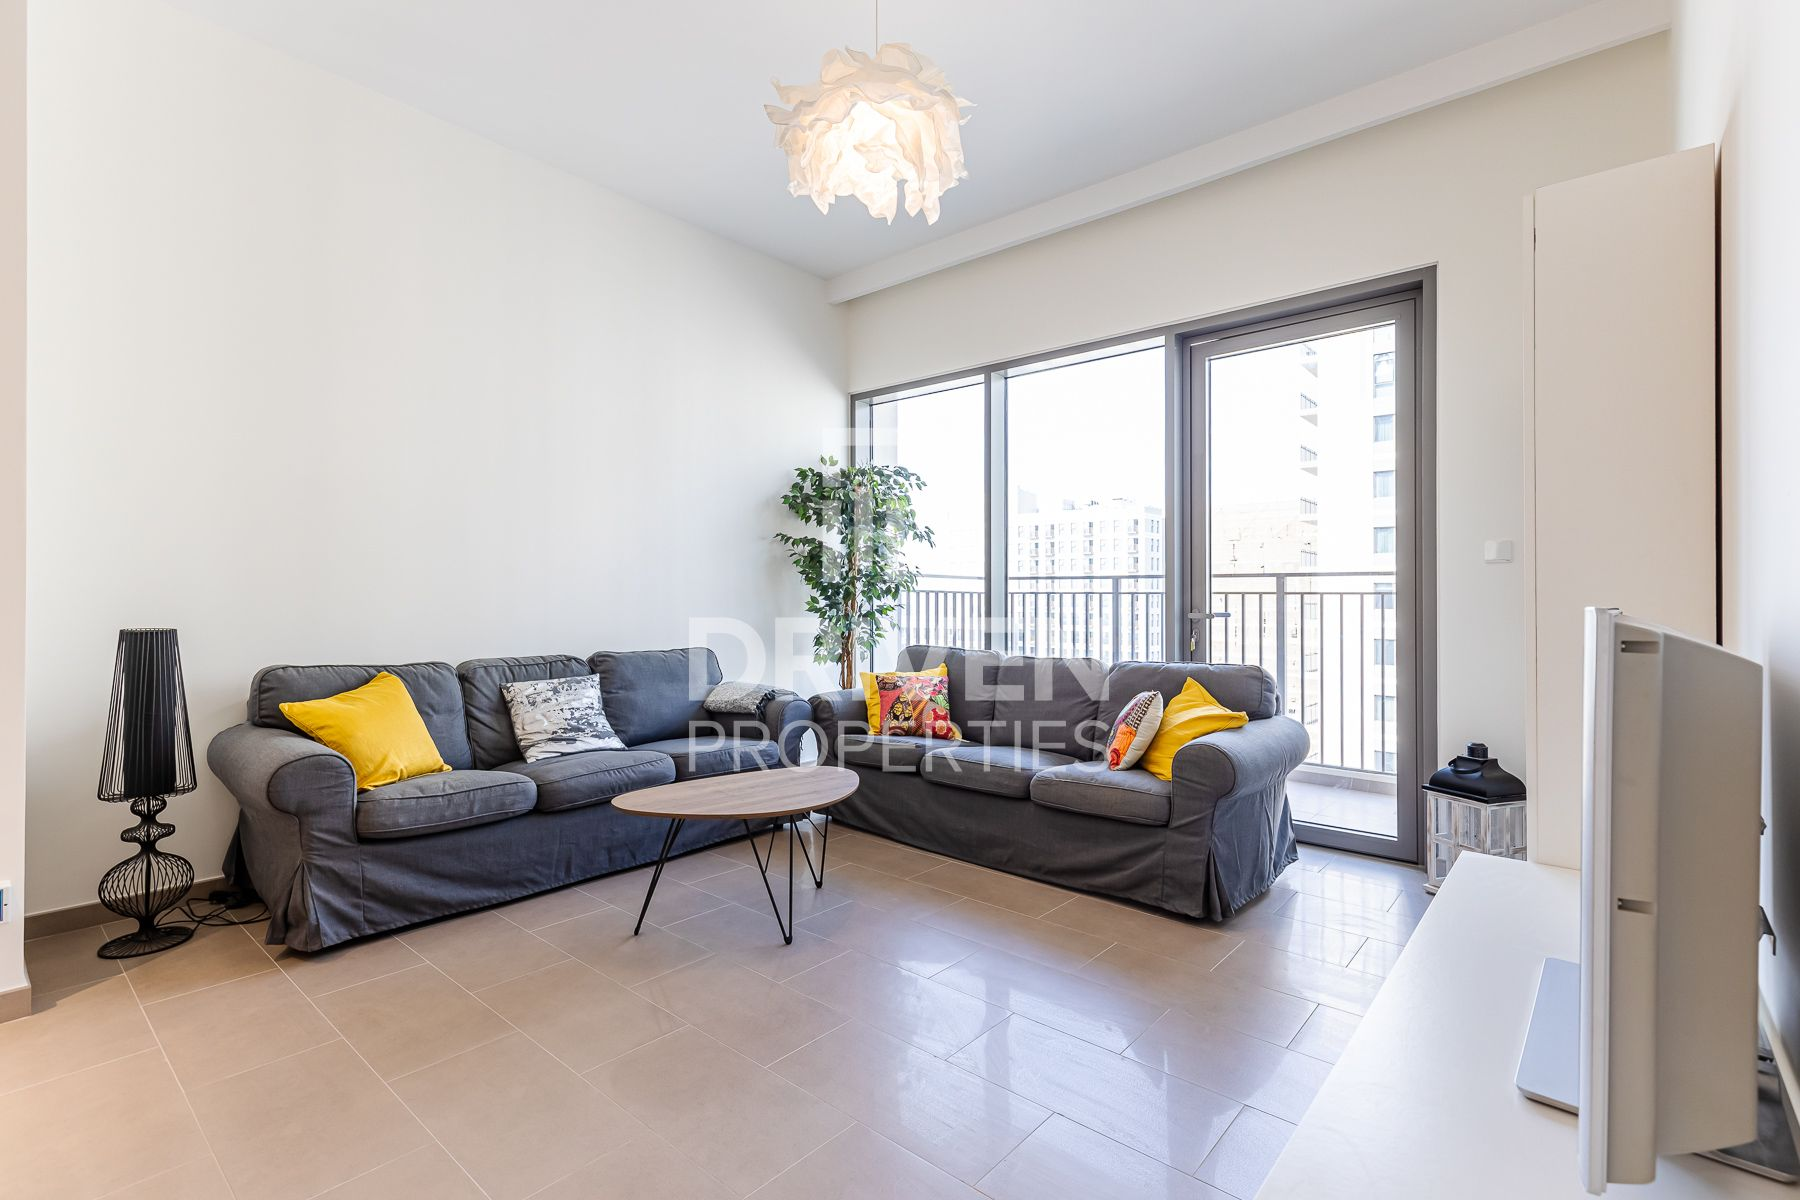 960 قدم مربع  شقة - للبيع - دبي هيلز استيت